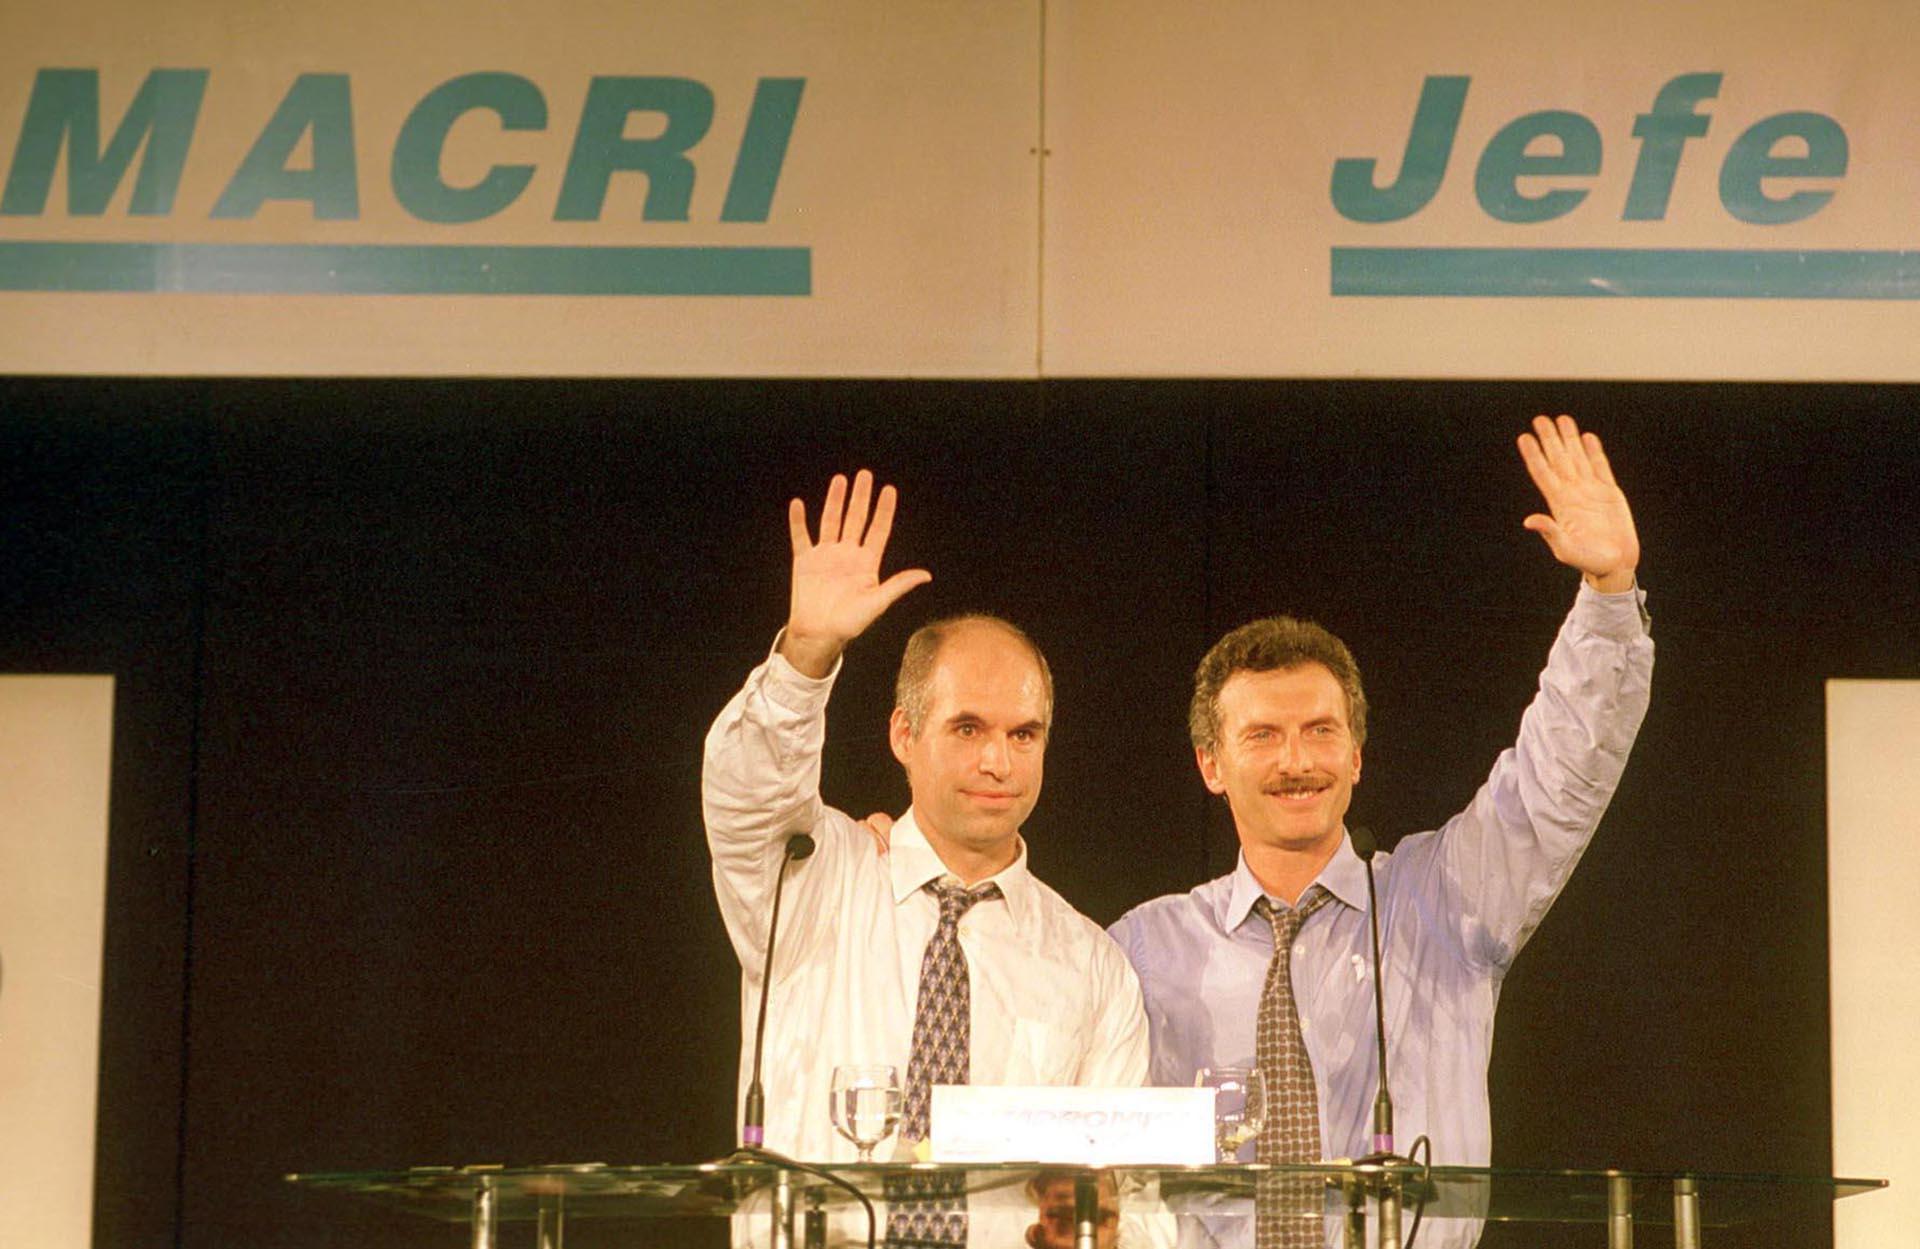 2003. Lanzado como candidato a jefe de Gobierno por el partido Compromiso Para el Cambio (predecesor del PRO), presentó en un acto en Obras Sanitarias a Horacio Rodríguez Larreta como su compañero de fórmula.